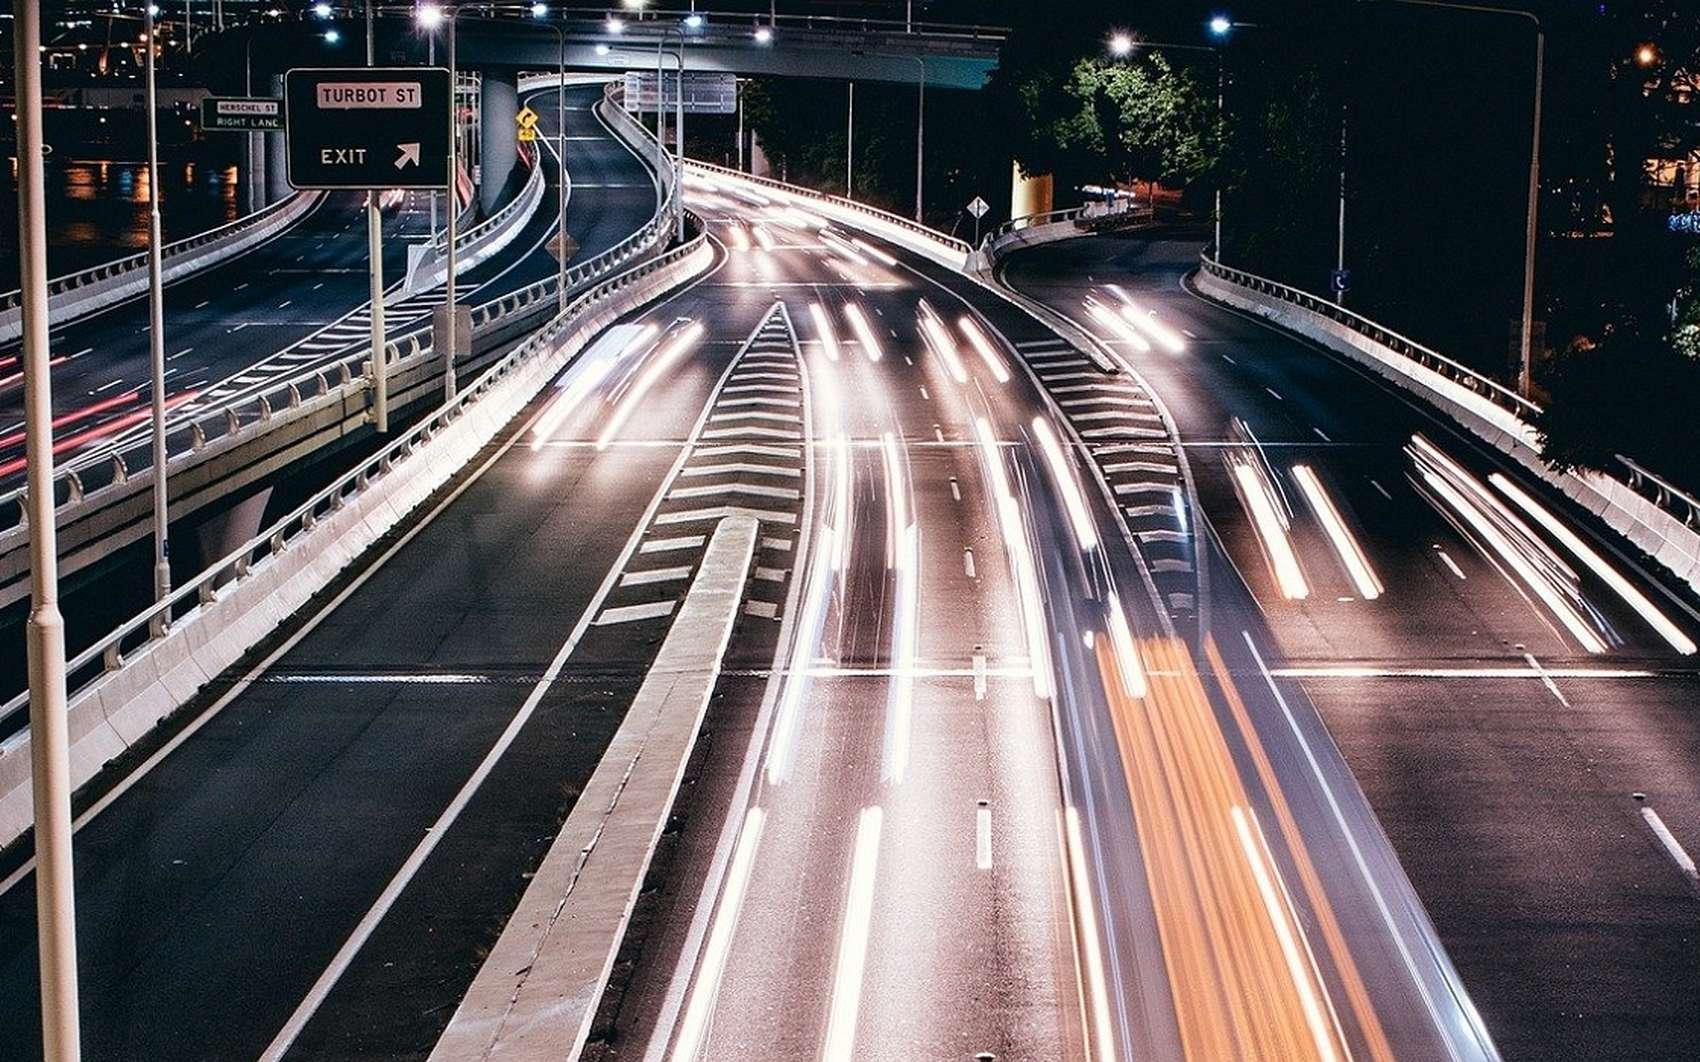 Comment réagir en cas de panne sur l'autoroute ? © Free-Photos by Pixabay